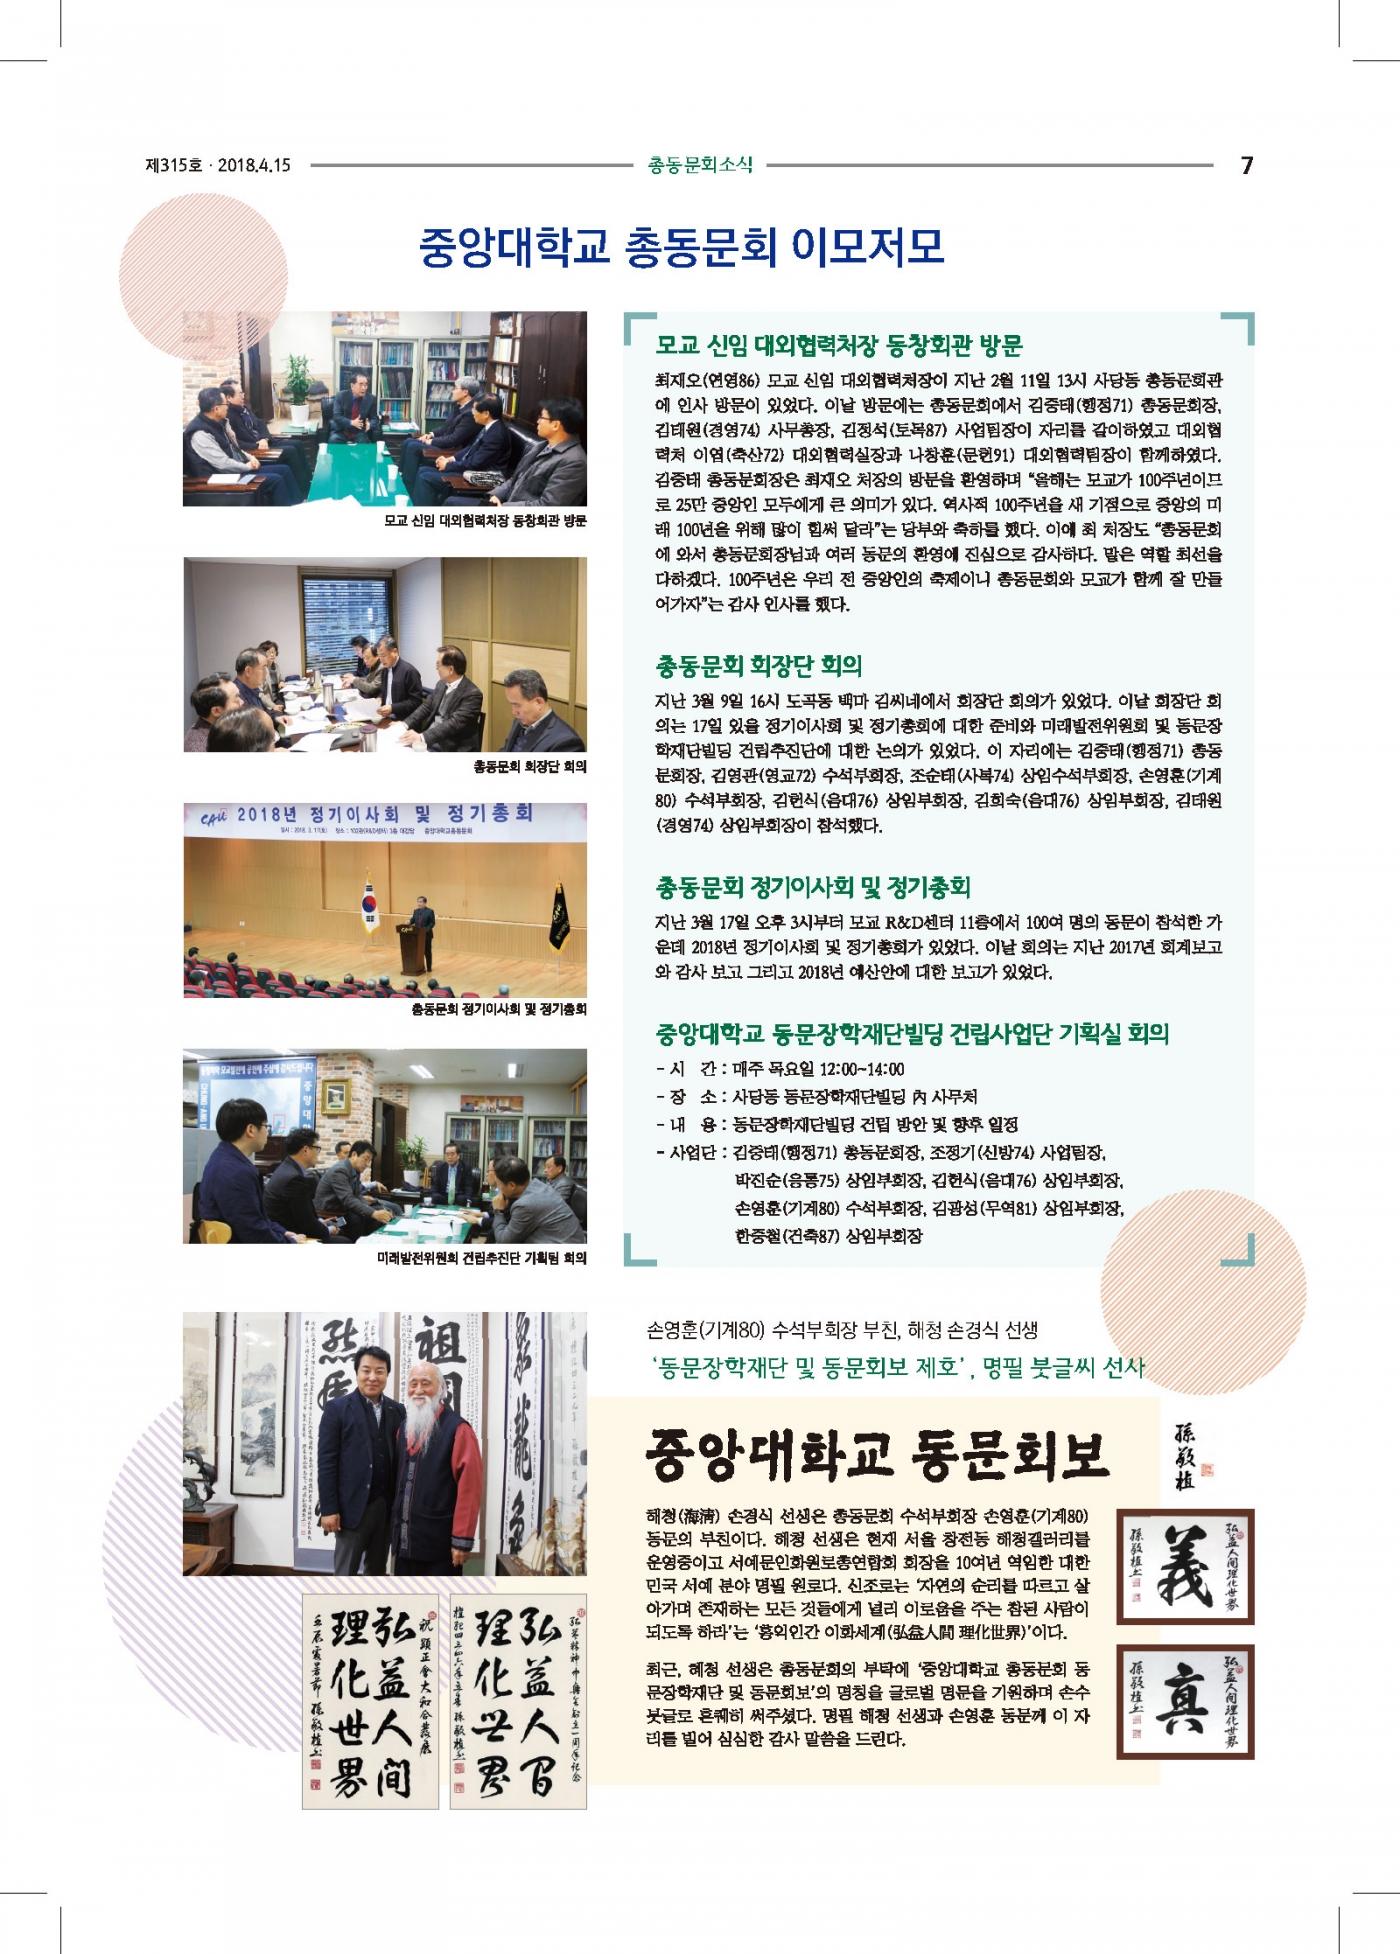 중총신문-18-4-23-인쇄OL1-7.jpg